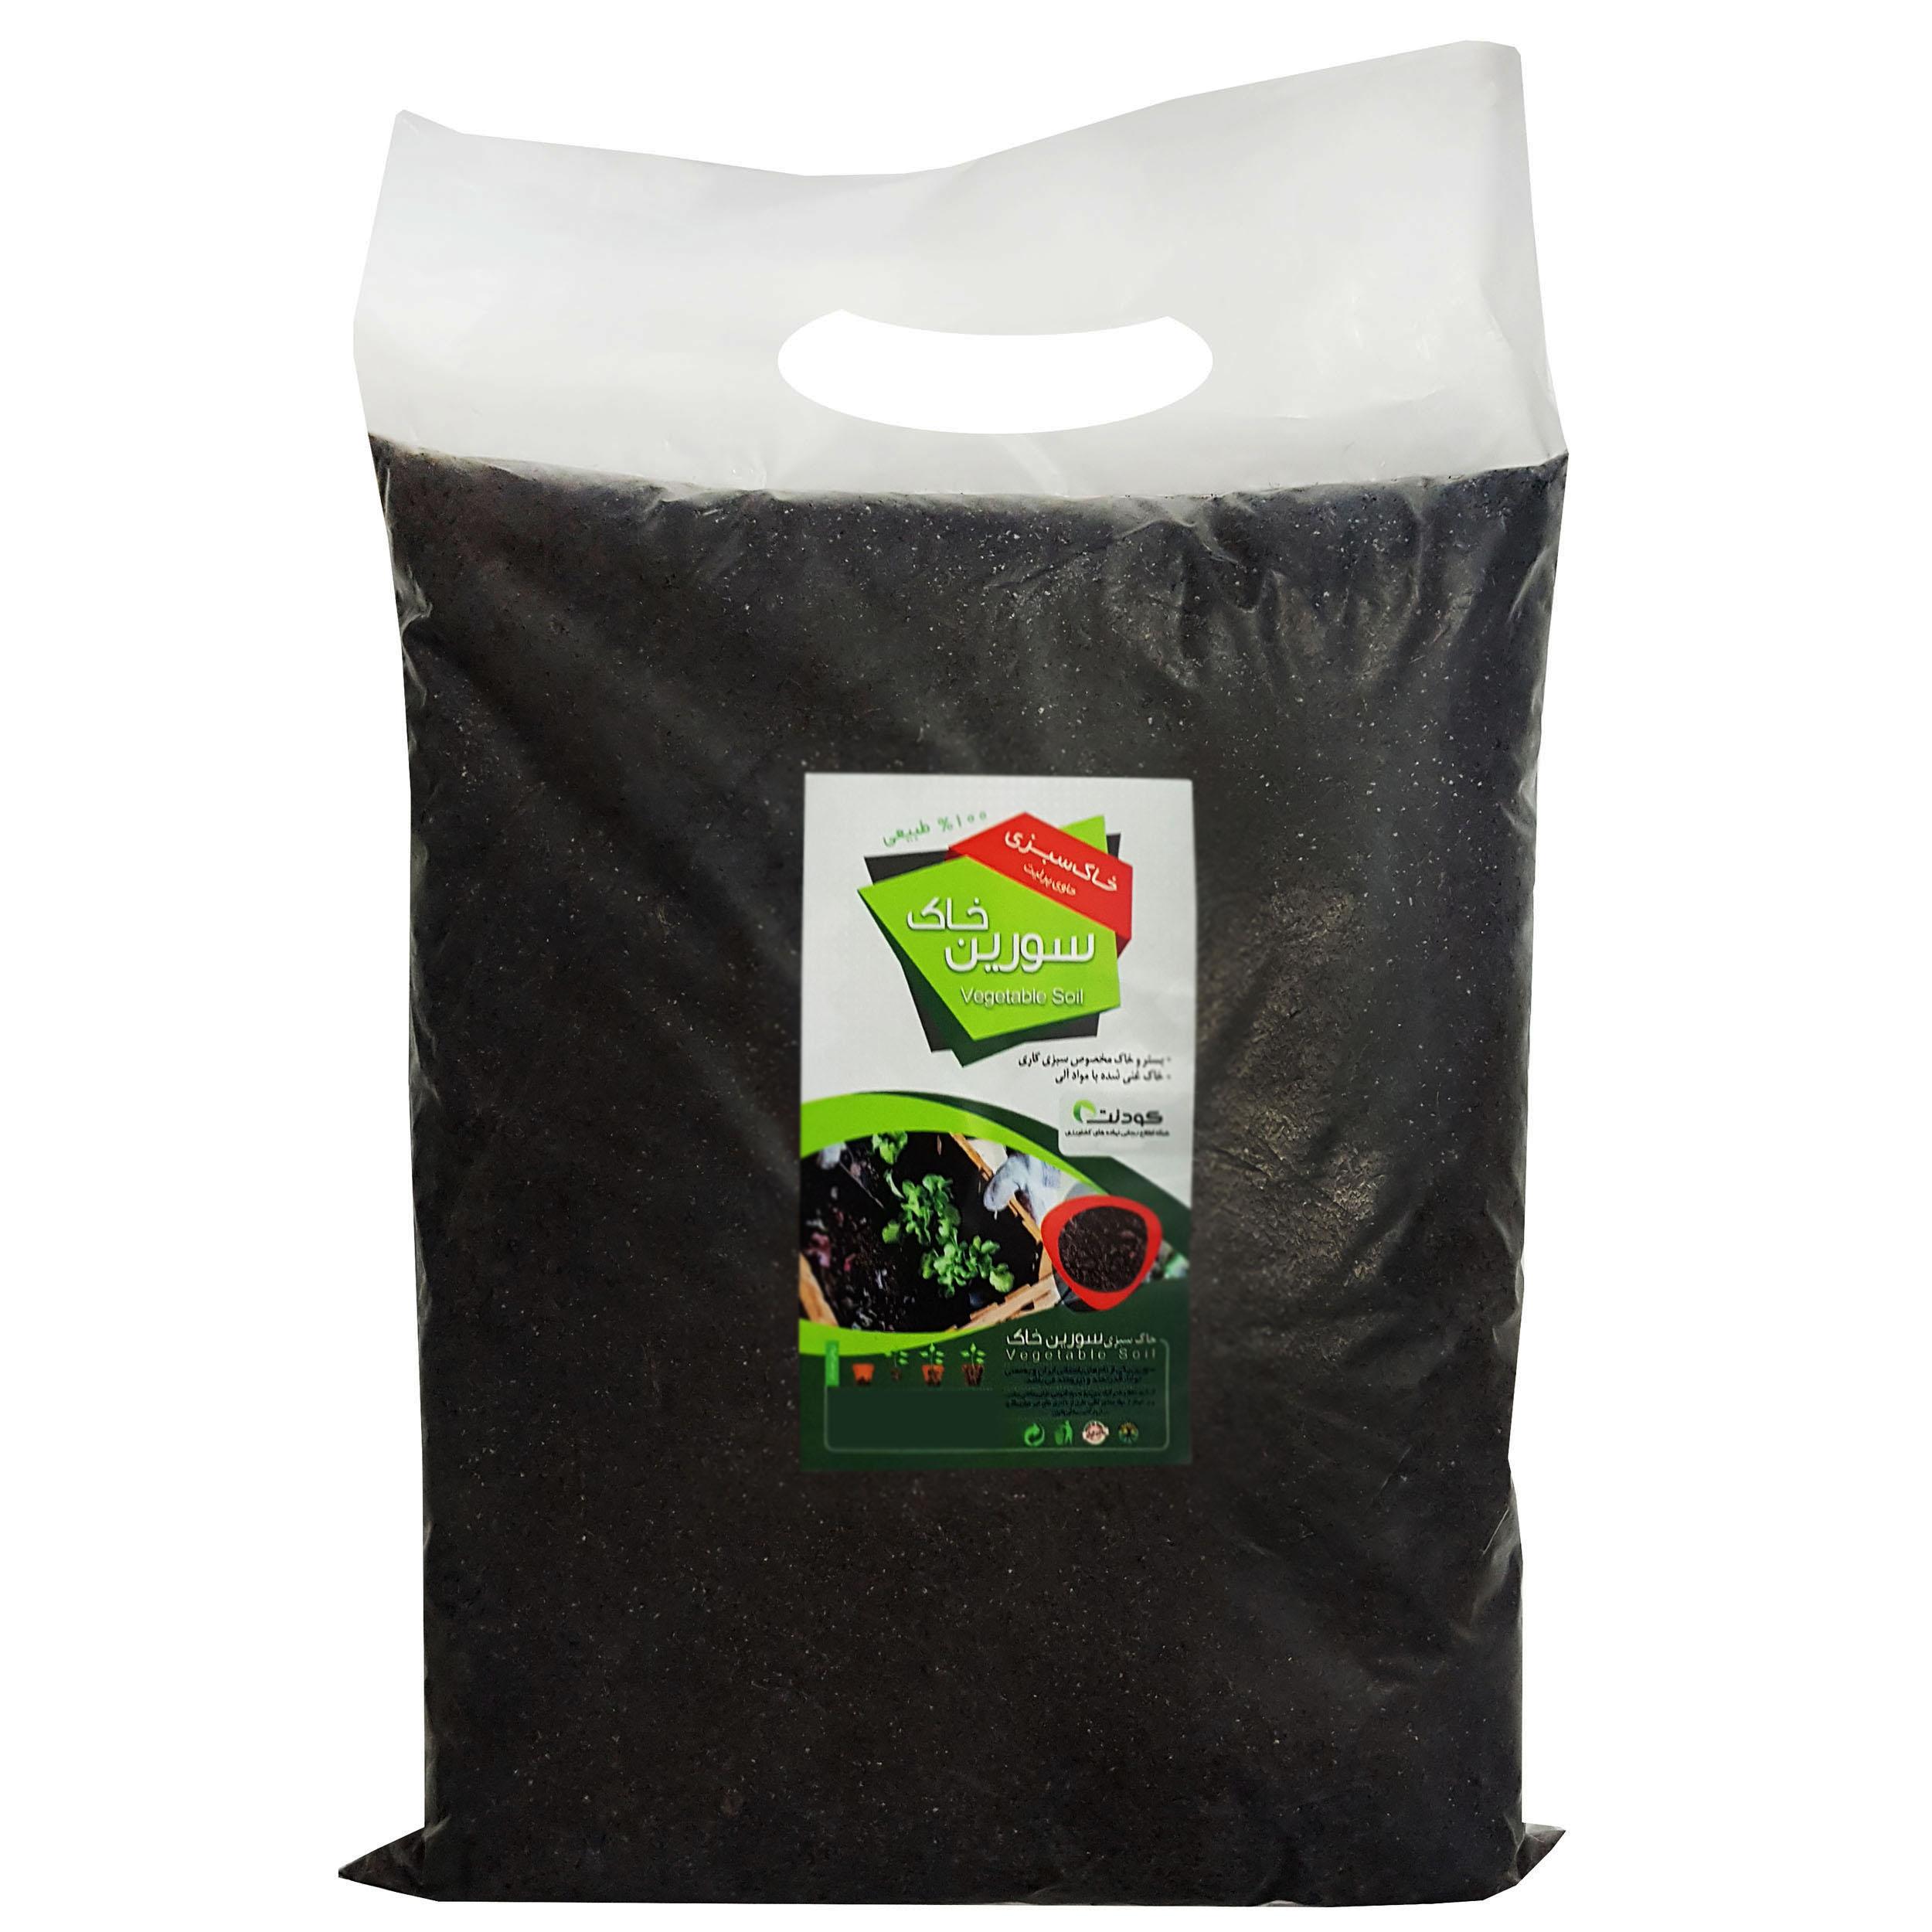 خاک سبزی سورین خاک مدل SB03 حجم 10 لیتری